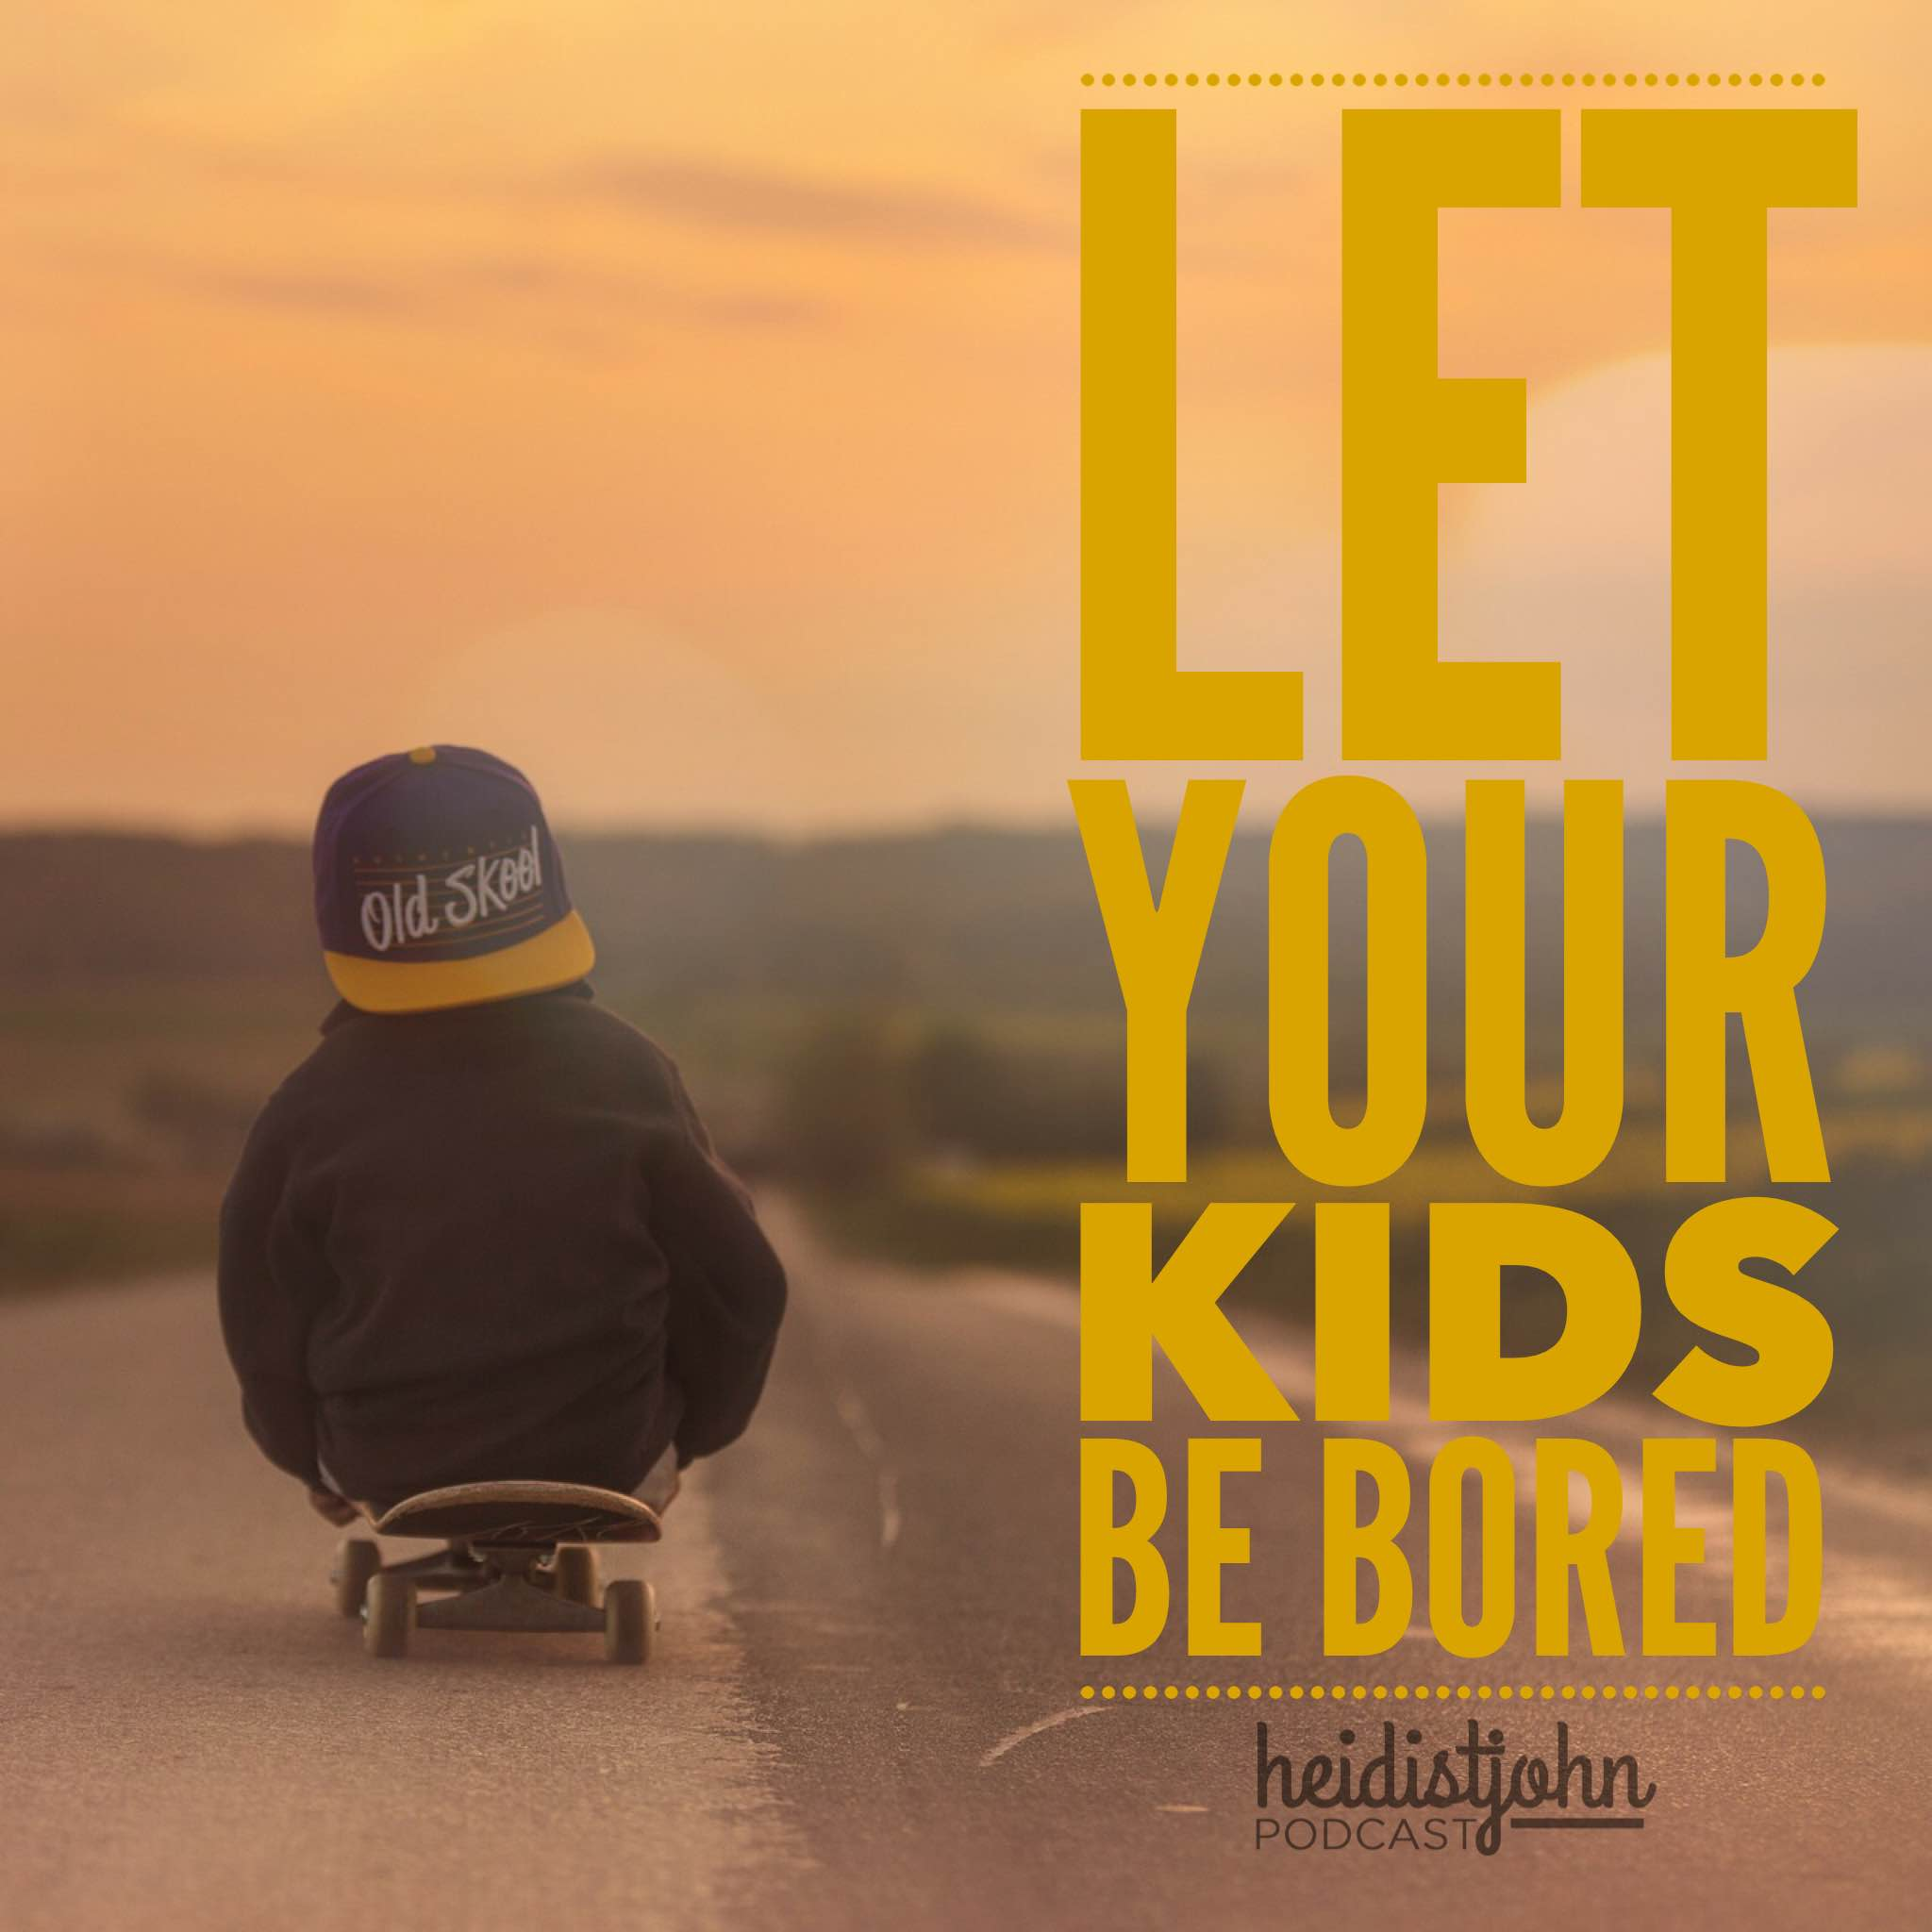 let-kids-be-bored-heidistjohn